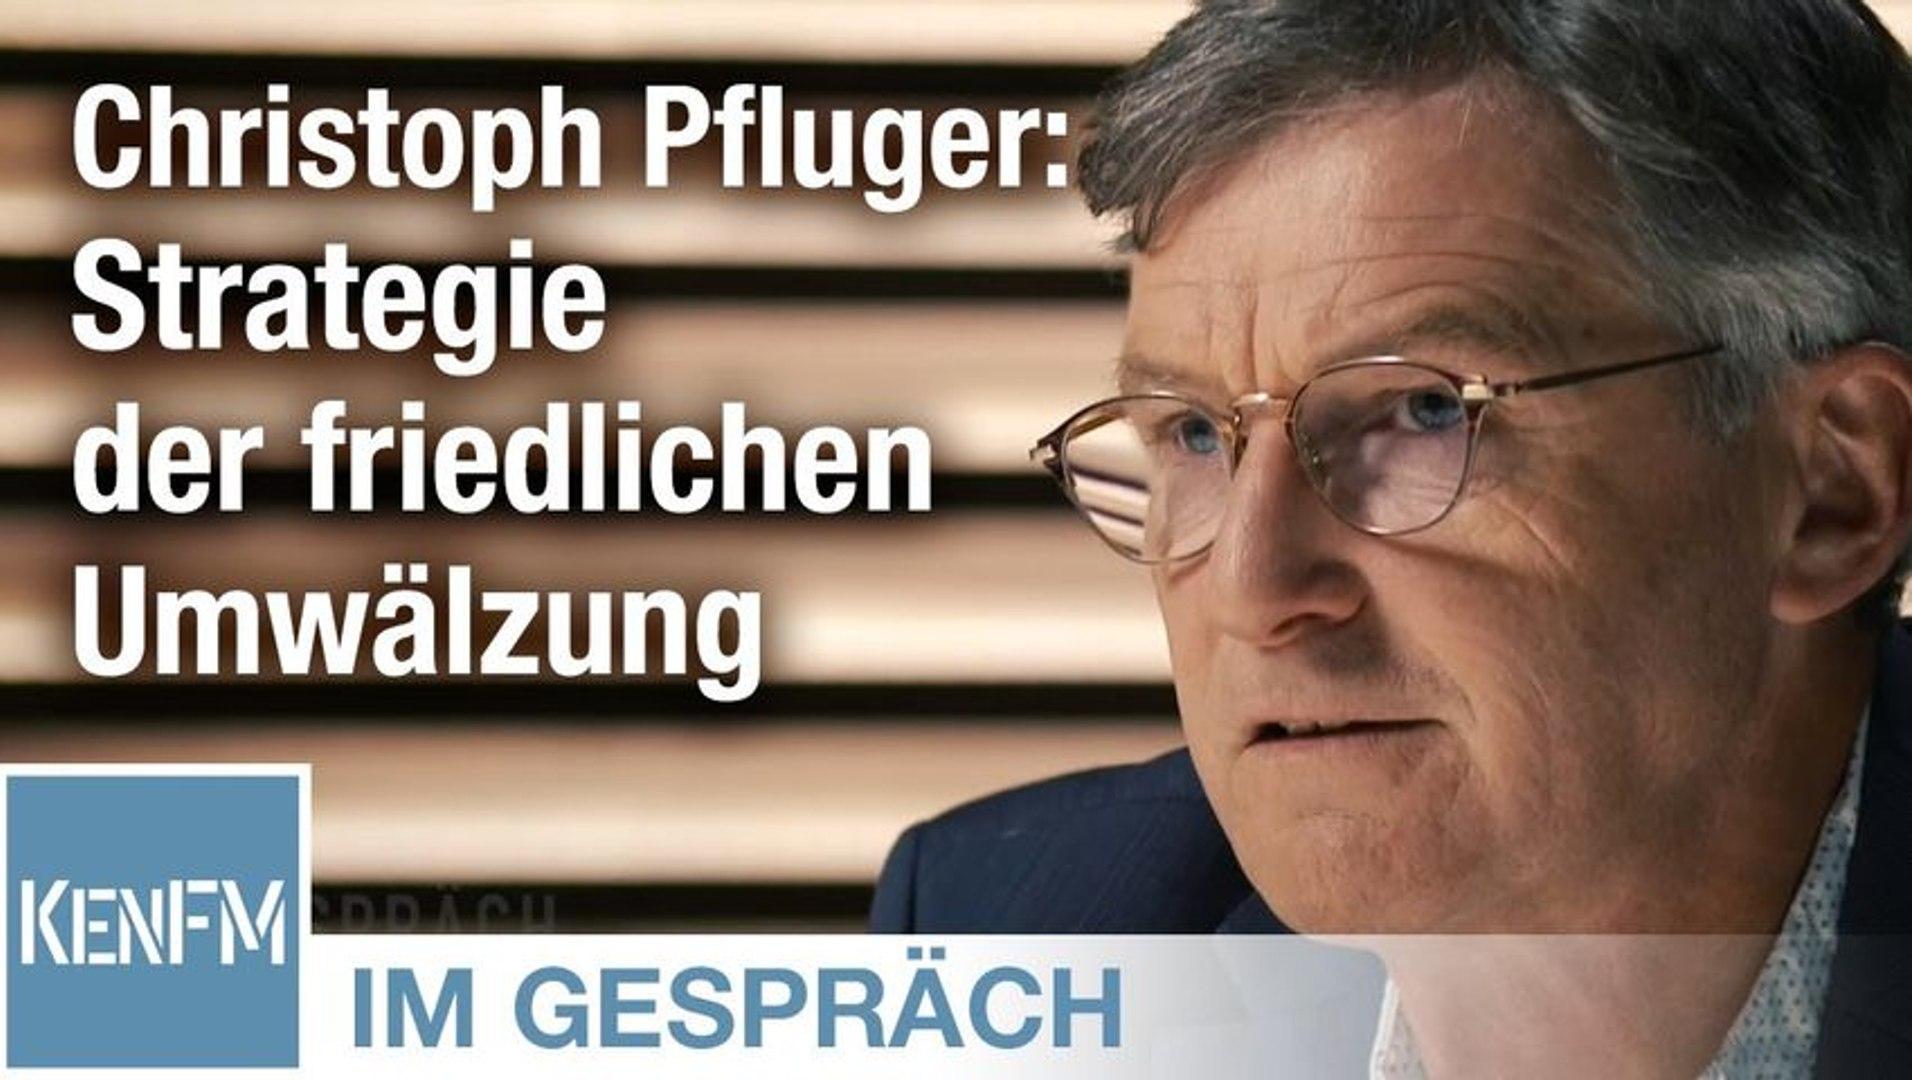 """Im Gespräch: Christoph Pfluger (""""Die Strategie der friedlichen Umwälzung"""")"""